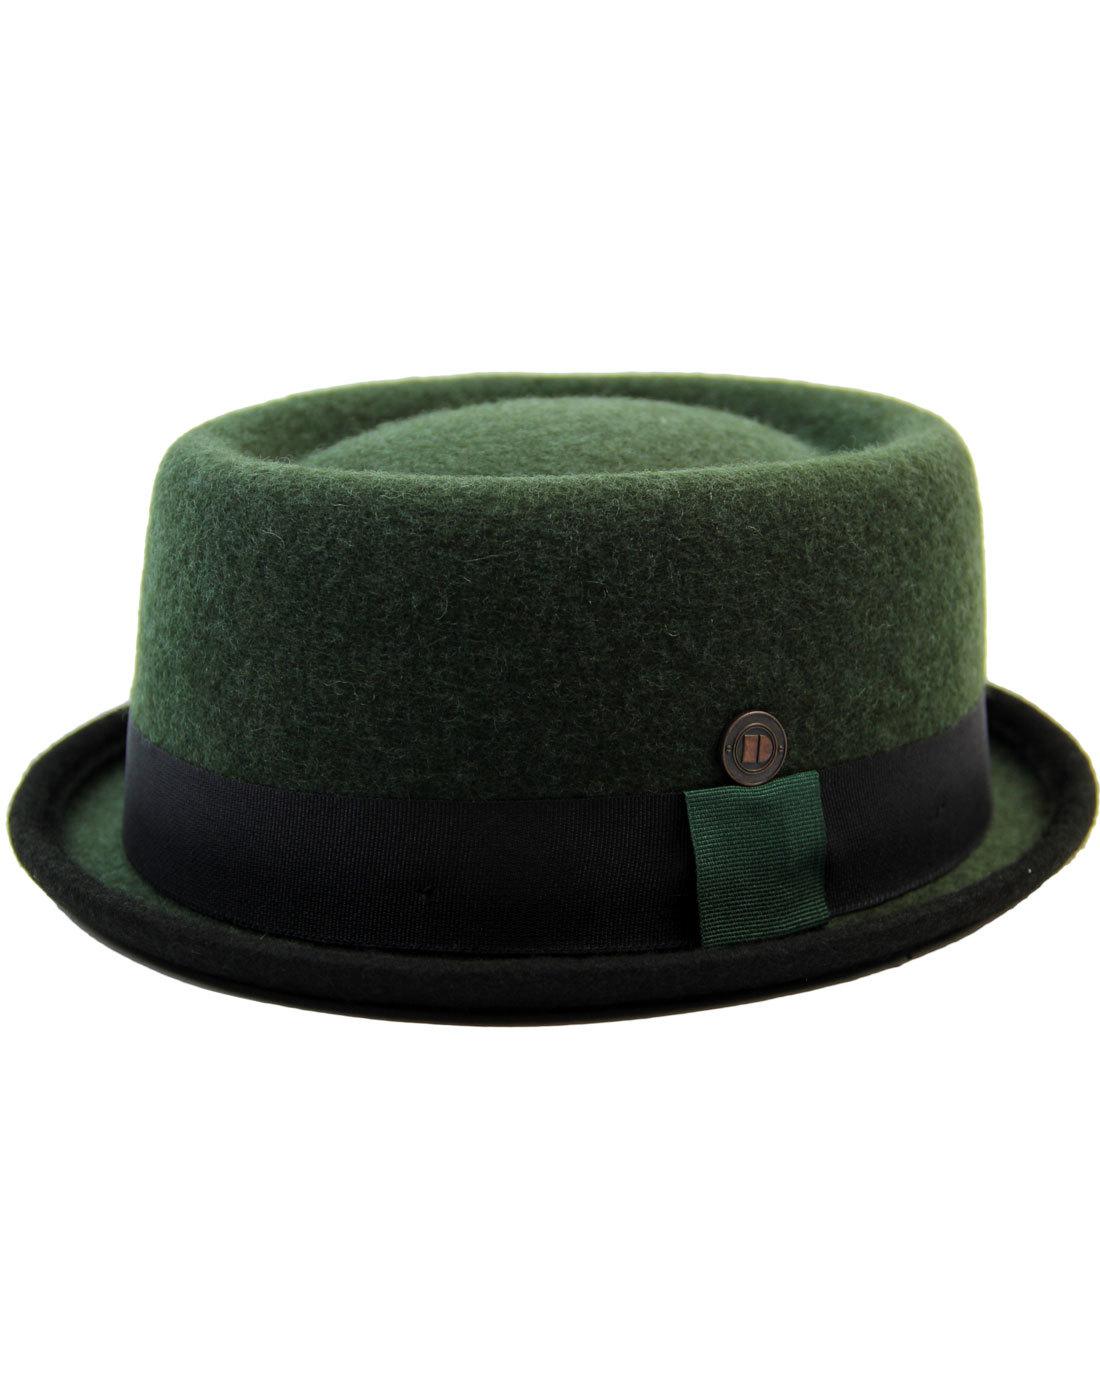 DASMARCA Tony Retro Mod Ska Wool Felt Porkpie Hat in Moss Green 31fe56c3ba8